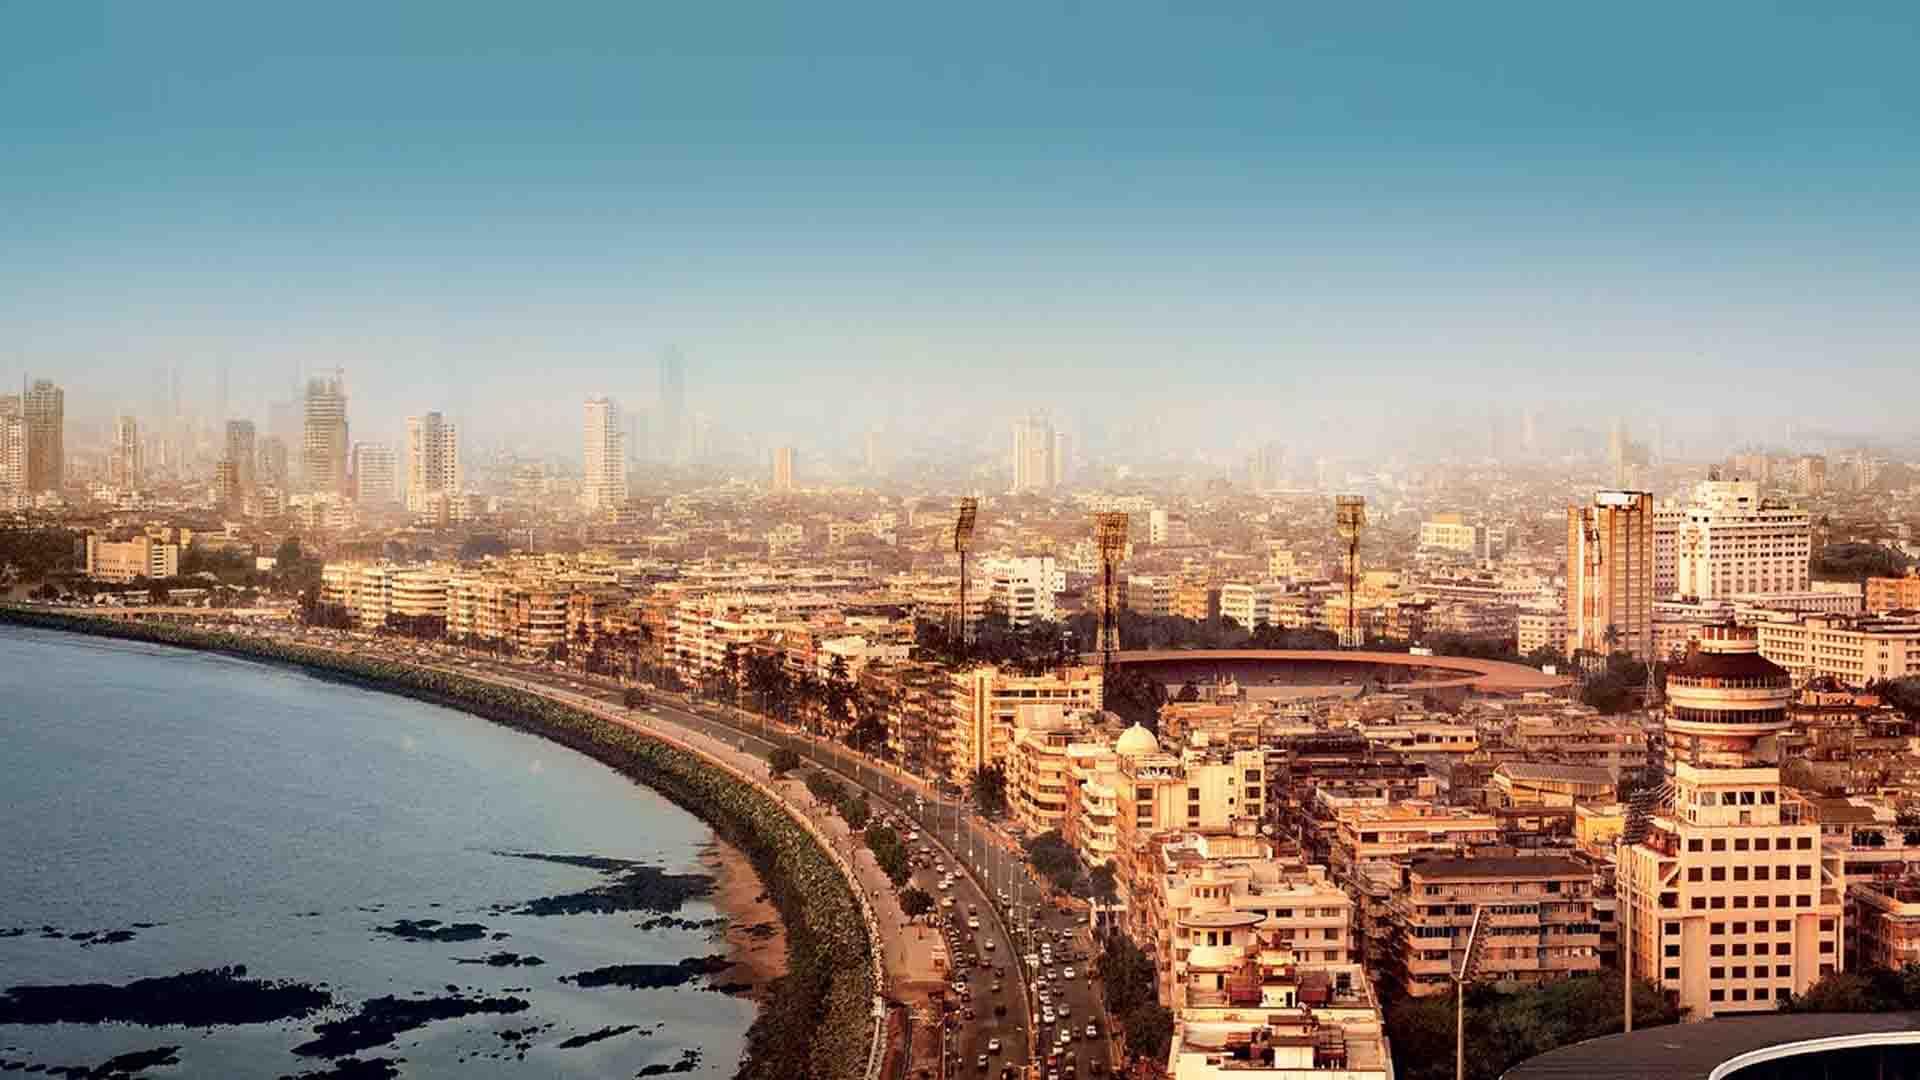 Different Factors That Make A City Liveable